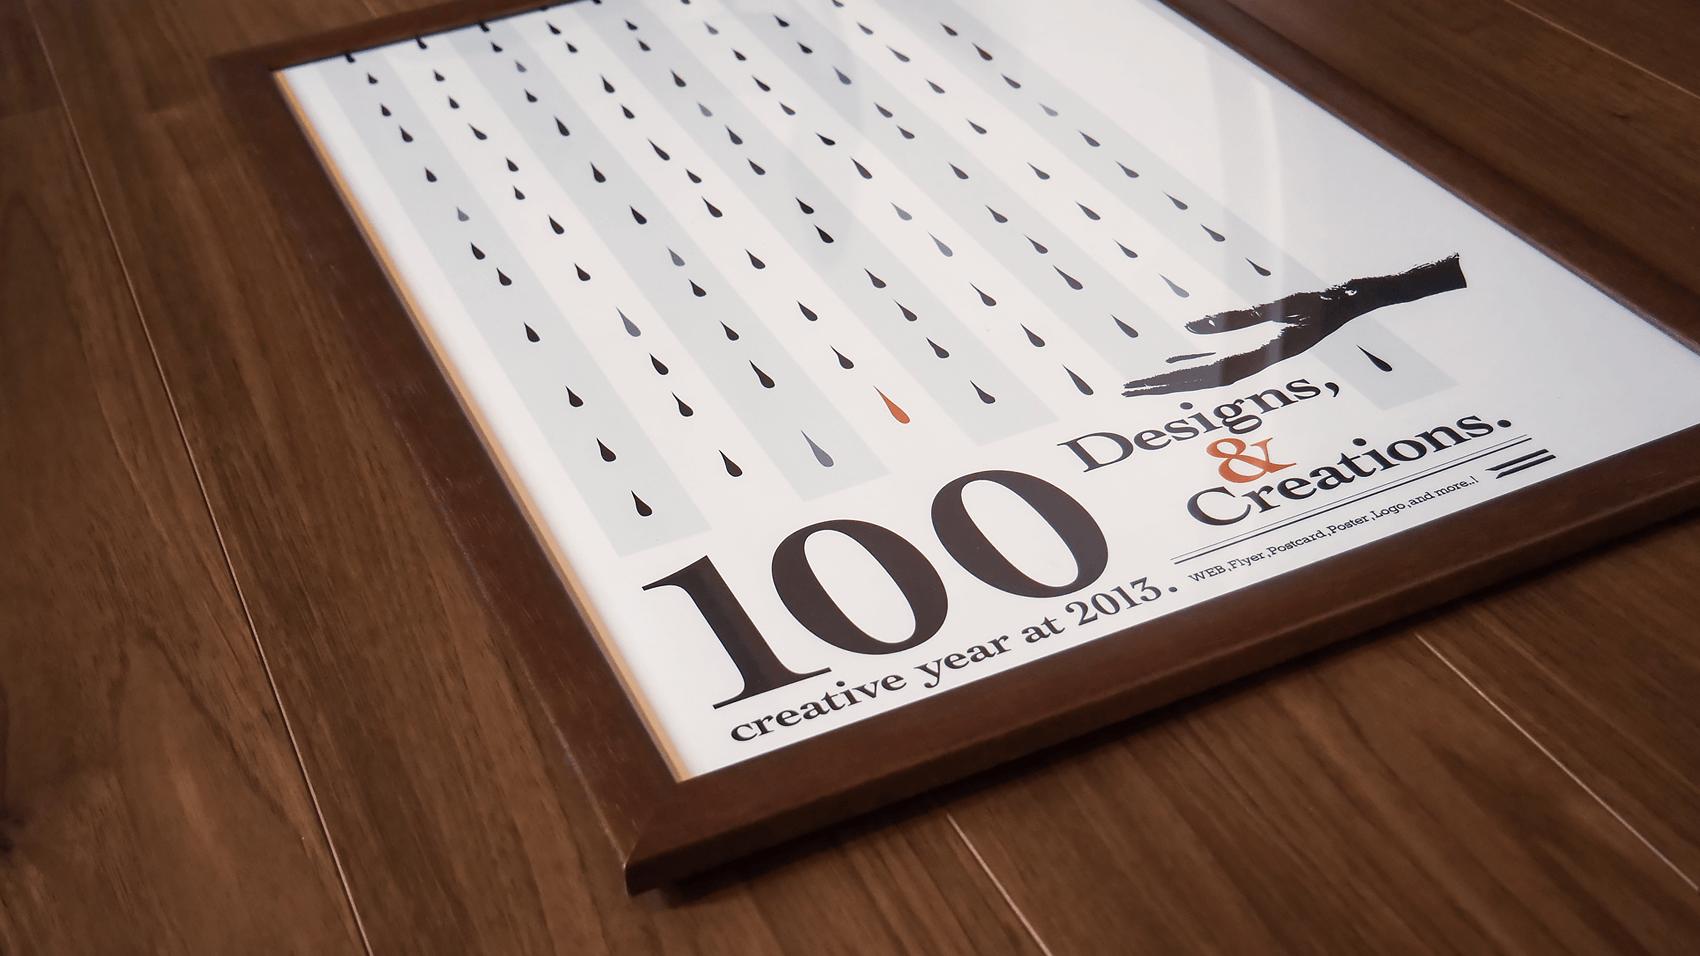 一年の目標を掲げるためにつくった海外のレトロ風ポスターデザイン